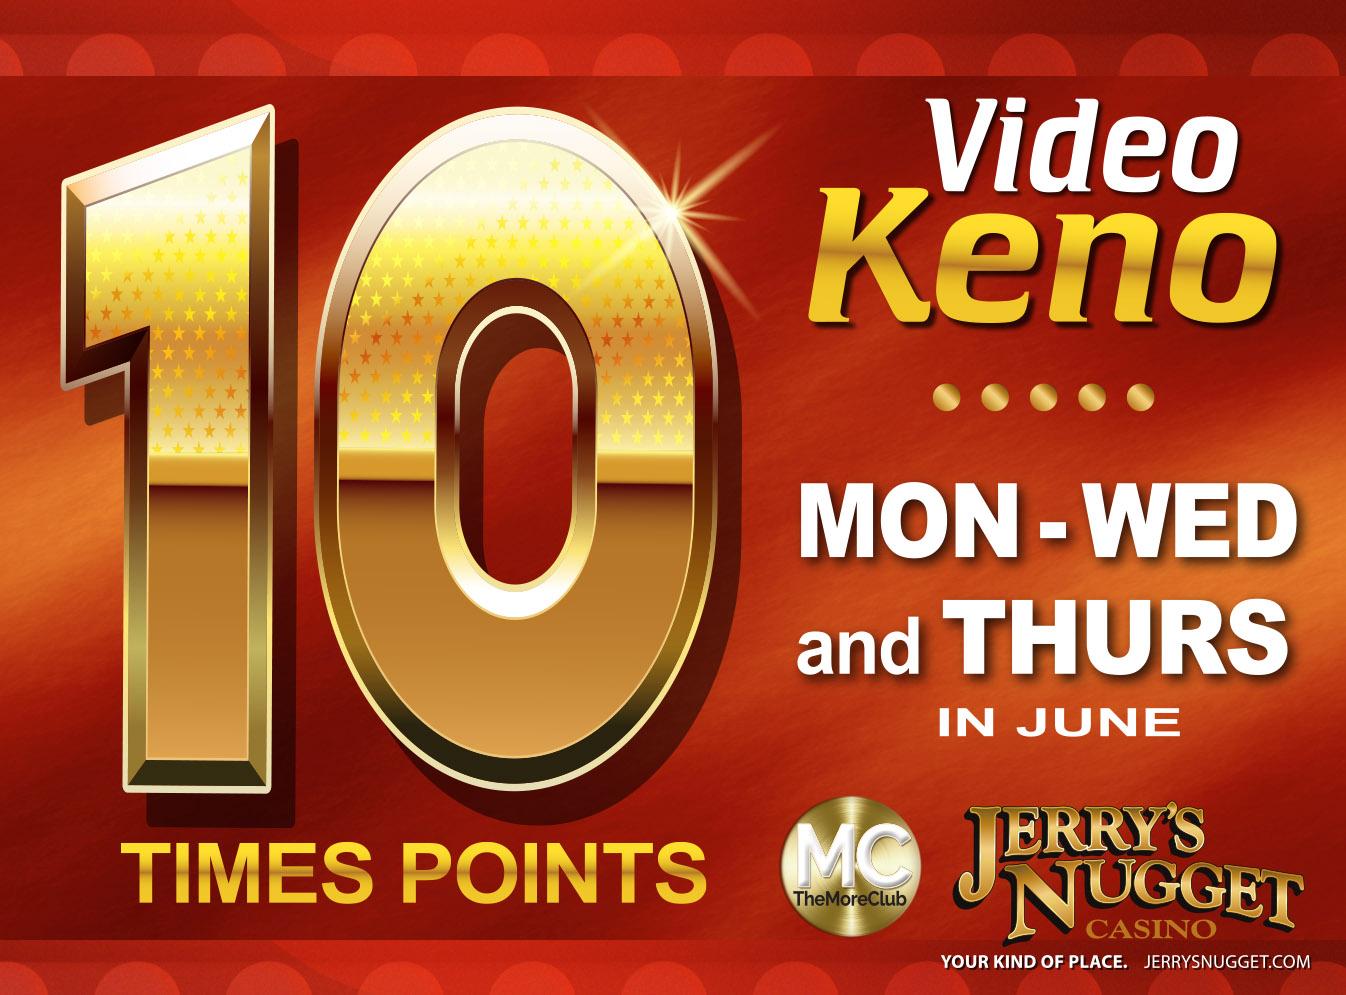 Video Keno 10x Points